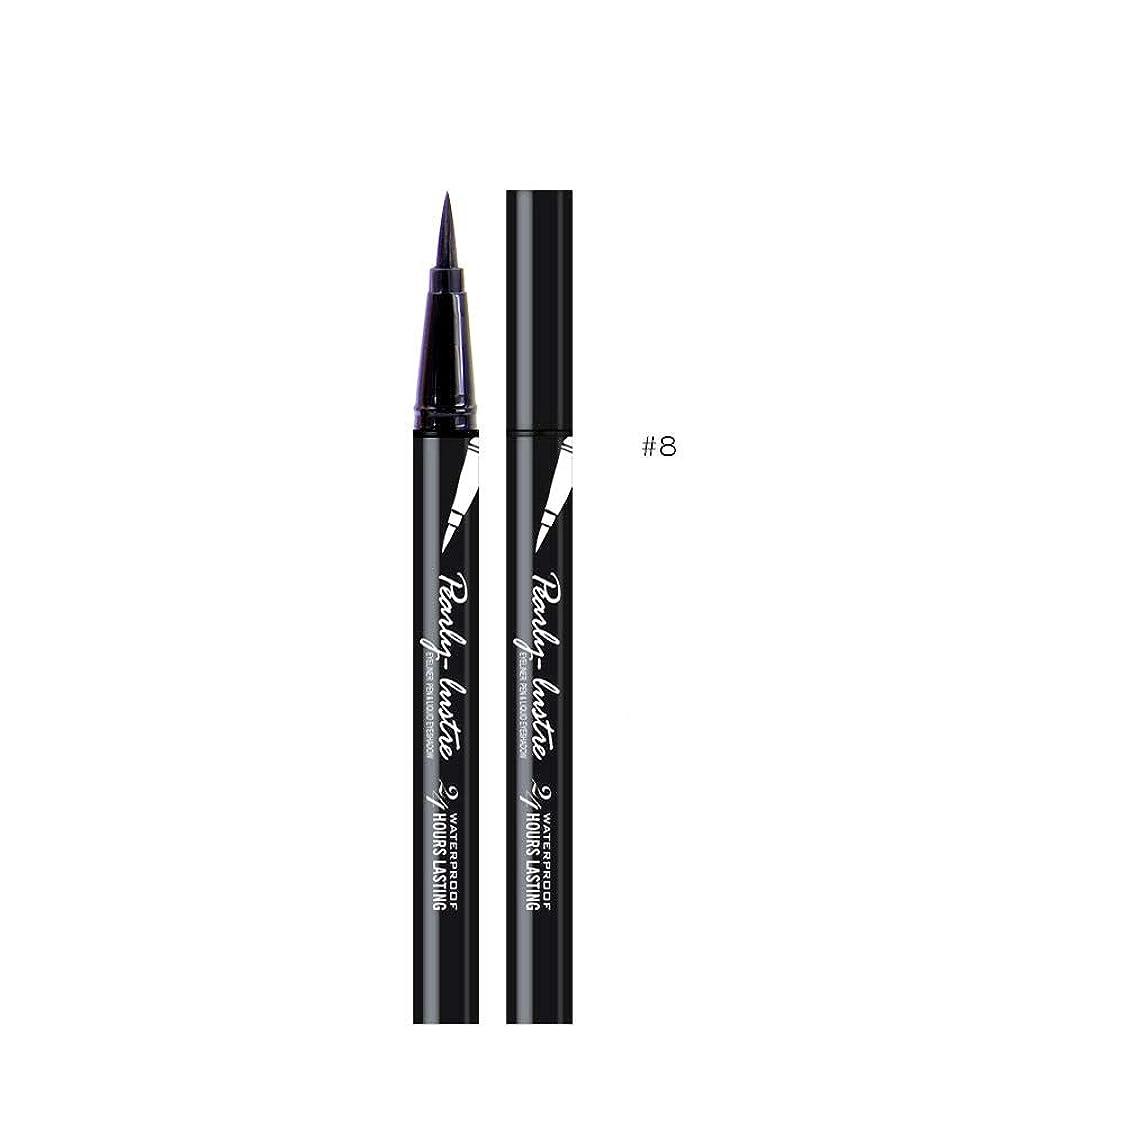 美容黒防水アイライナーリキッドアイライナーペン鉛筆メイク化粧品